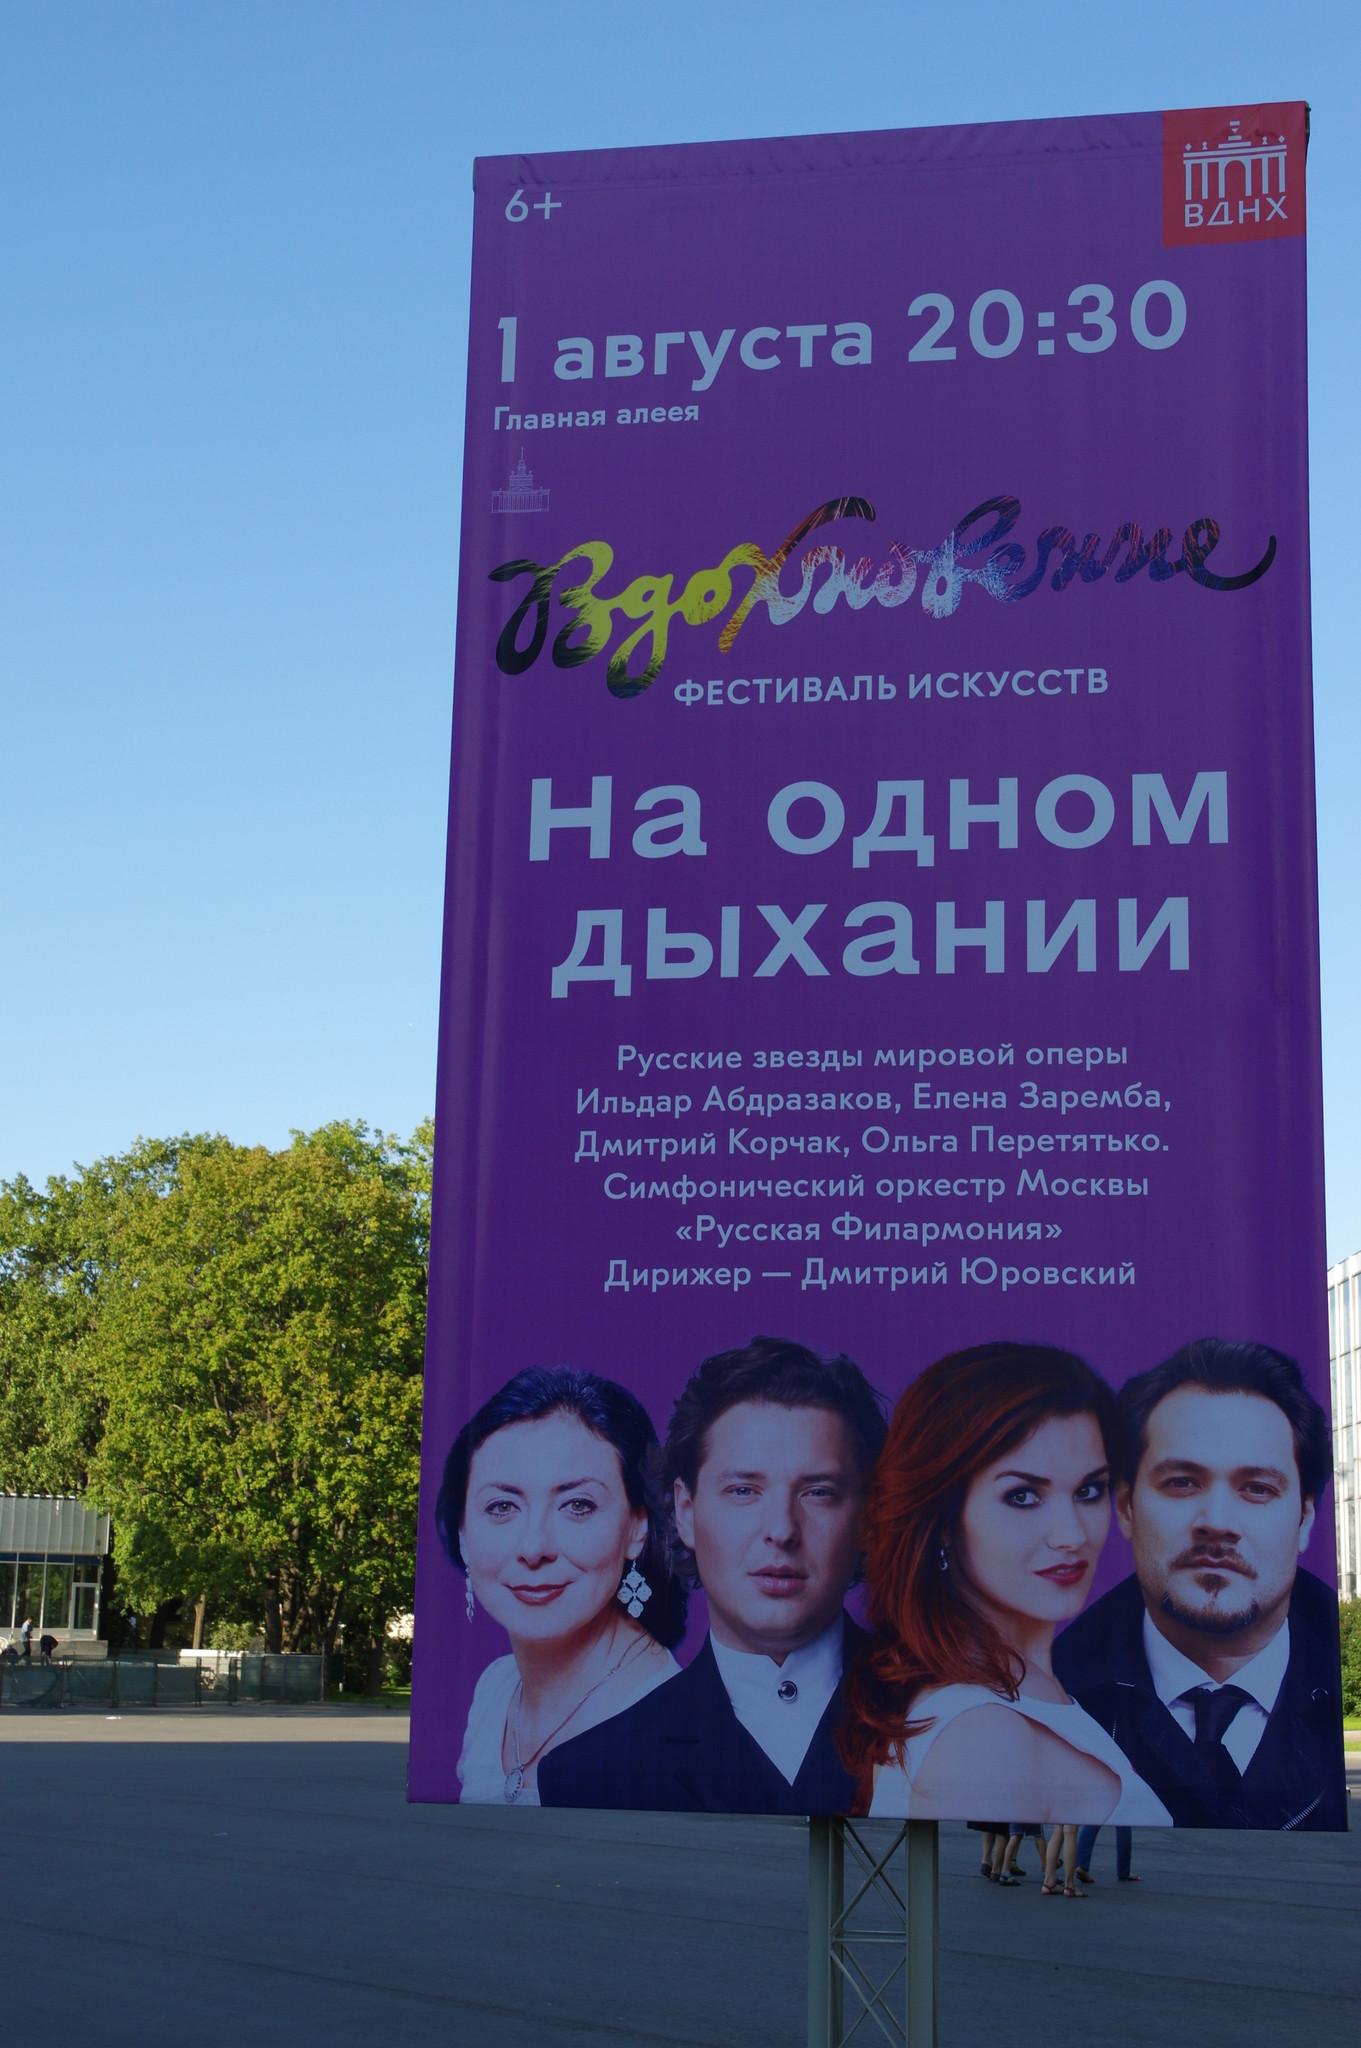 Опен-эйр-выступление на Главной аллее ВДНХ русских звёзд мировой оперной сцены «На одном дыхании»